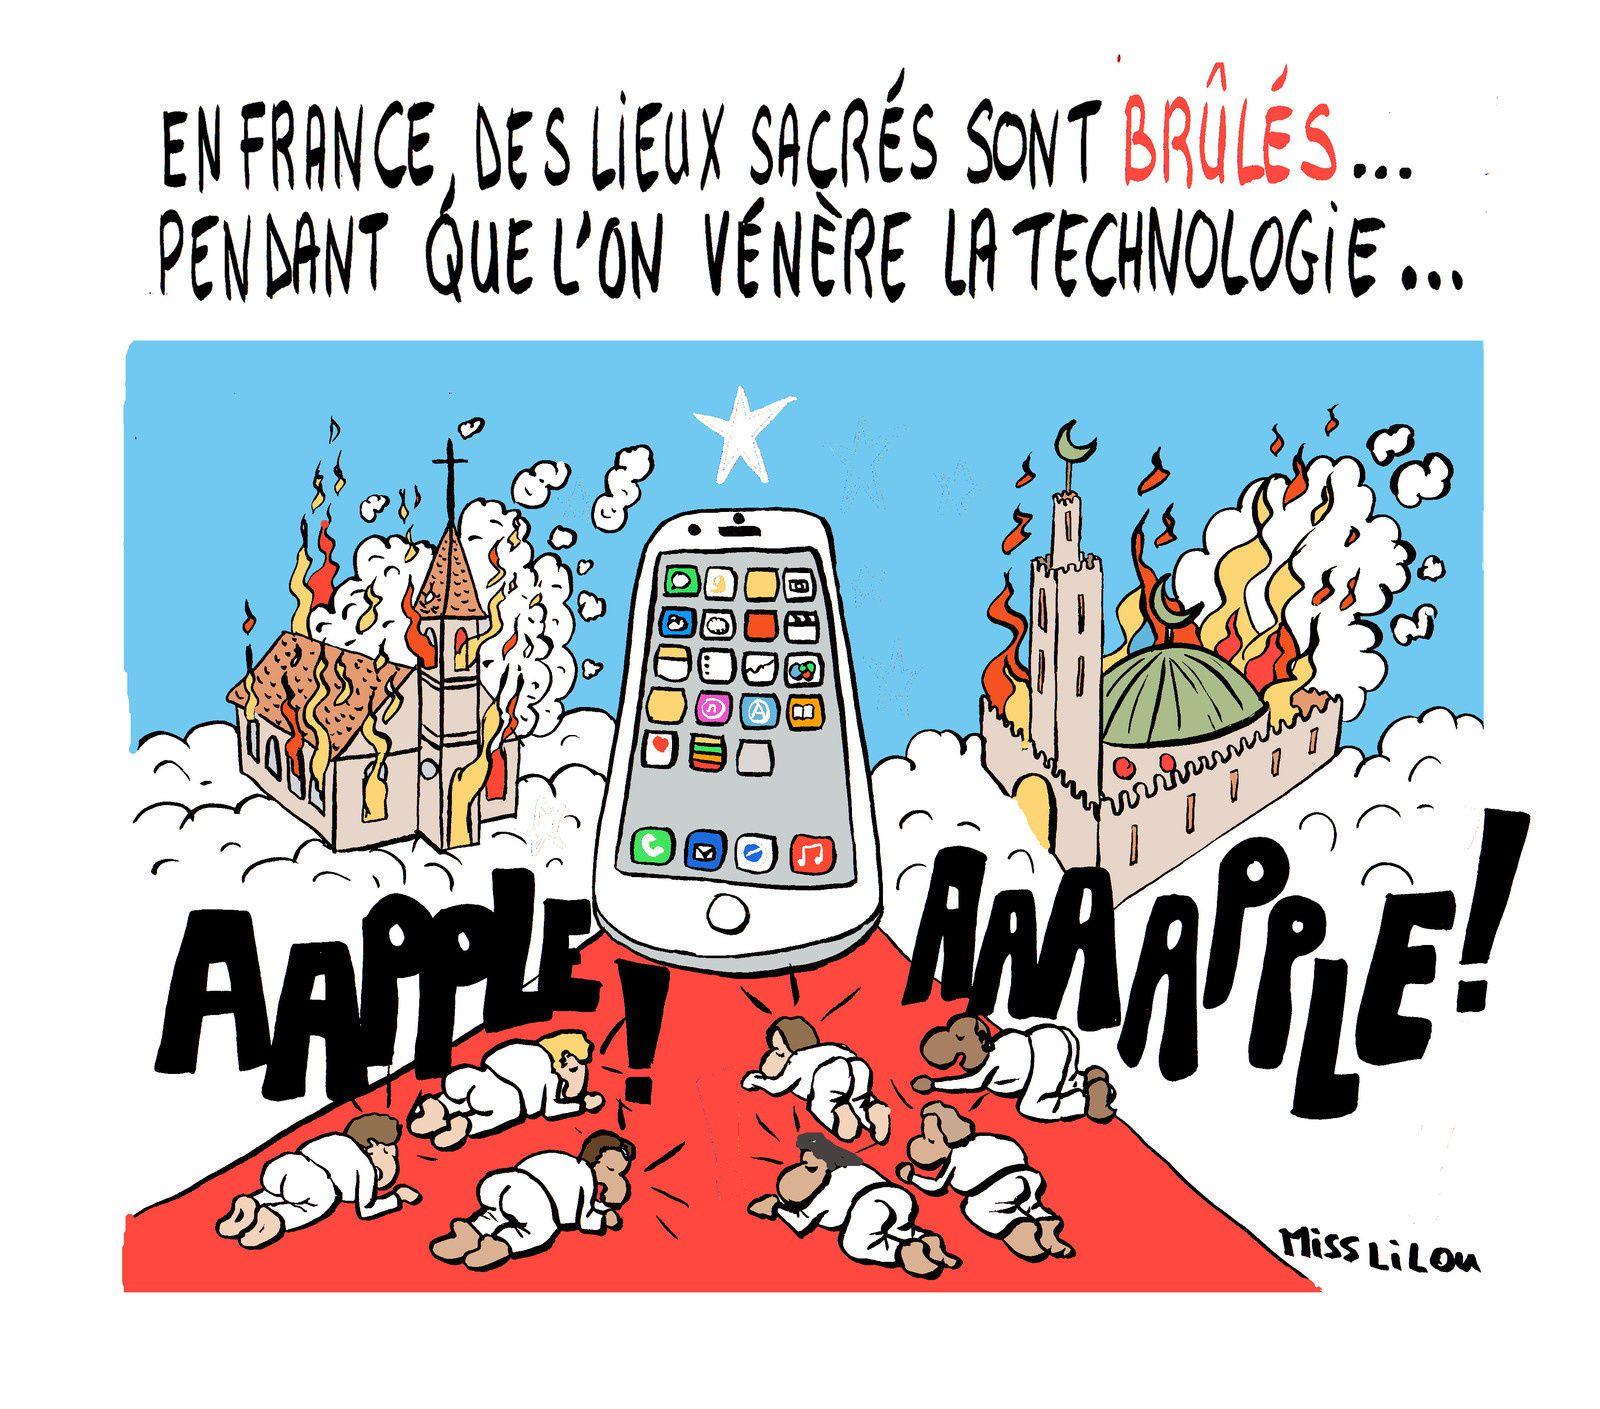 En France, des lieux sacrés sont brûlés pendant que l'on vénère la technologie...